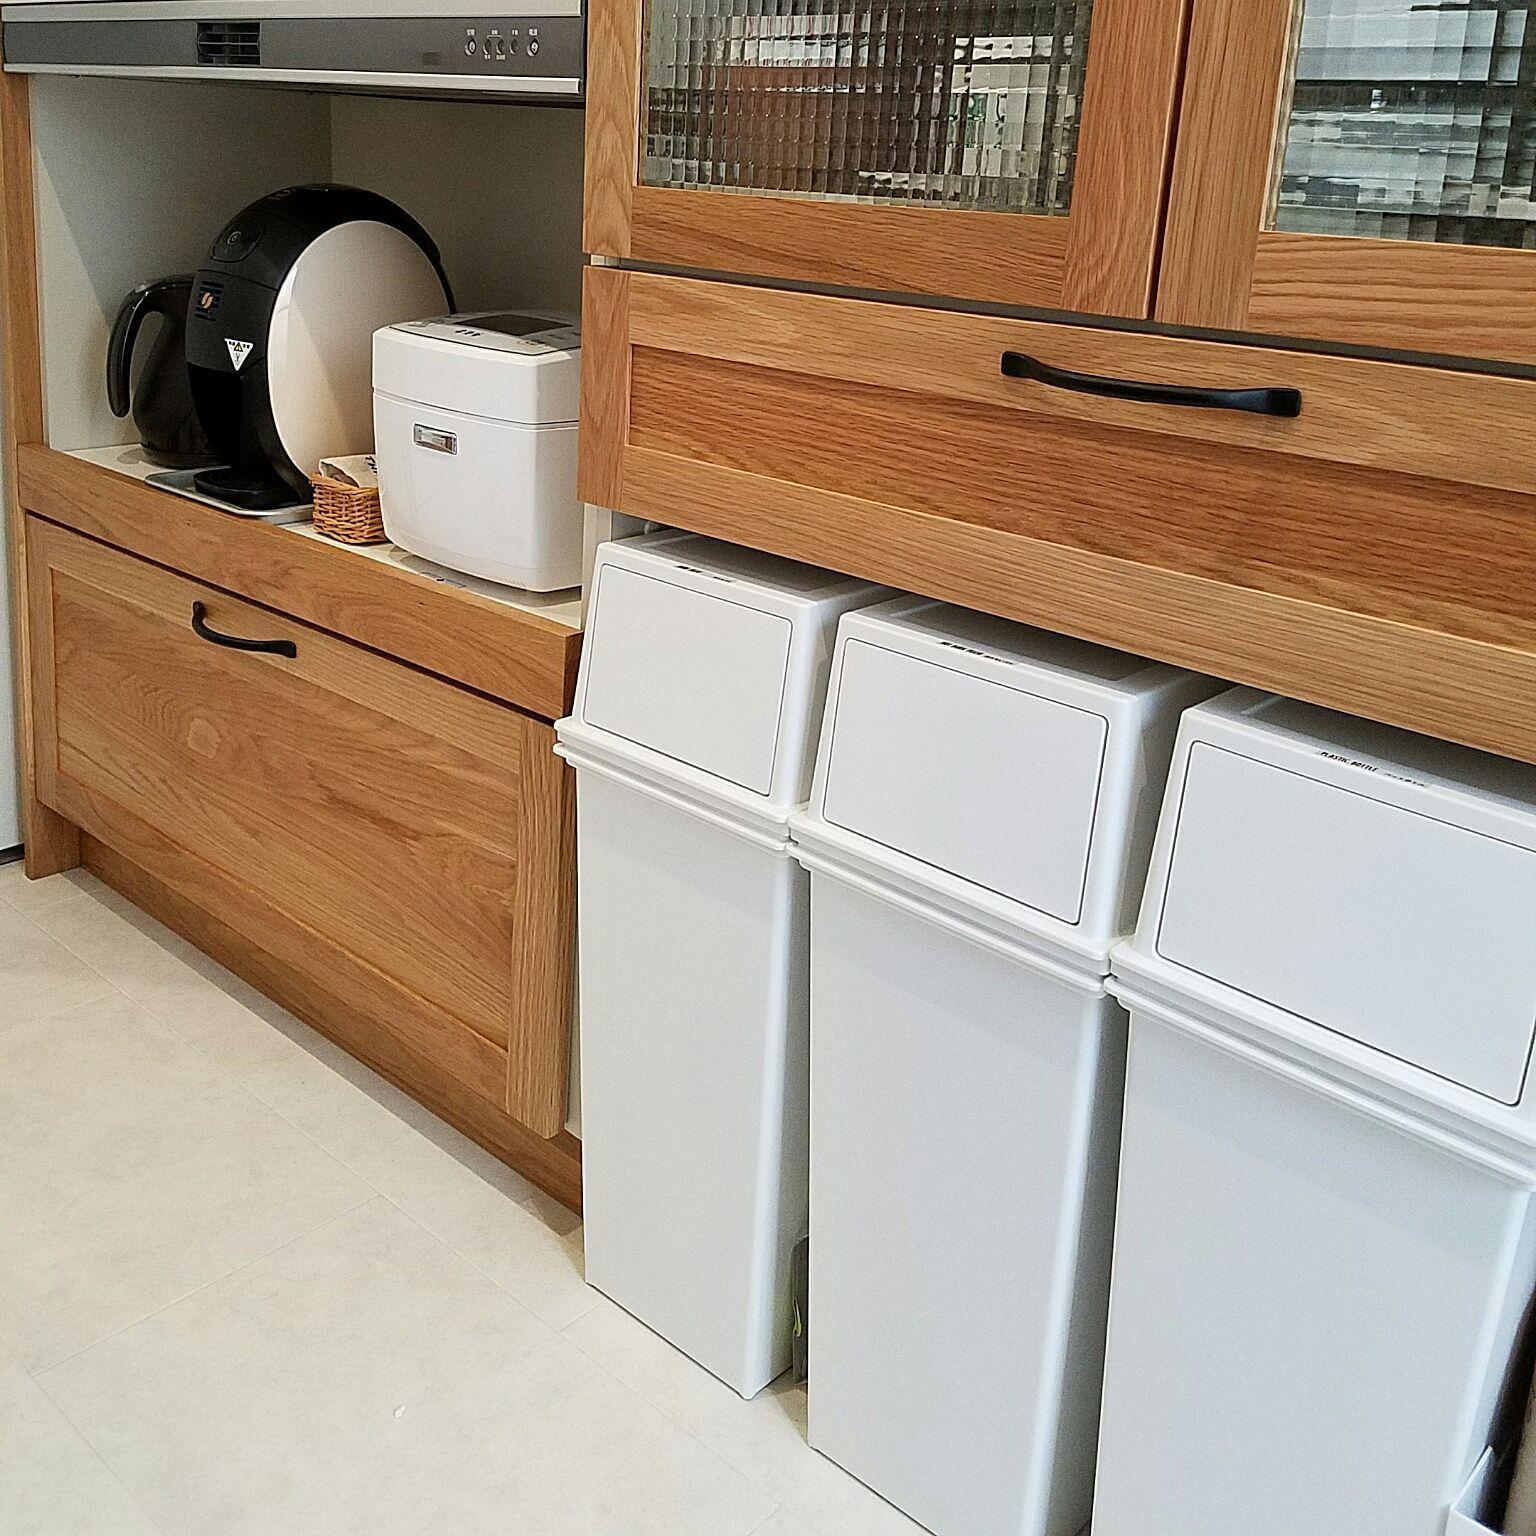 キッチン Woodone ウッドワン ゴミ箱のインテリア実例 2017 03 21 12 43 13 Roomclip ルームクリップ ウッドワン キッチン ゴミ箱 収納 ゴミ箱 キッチン